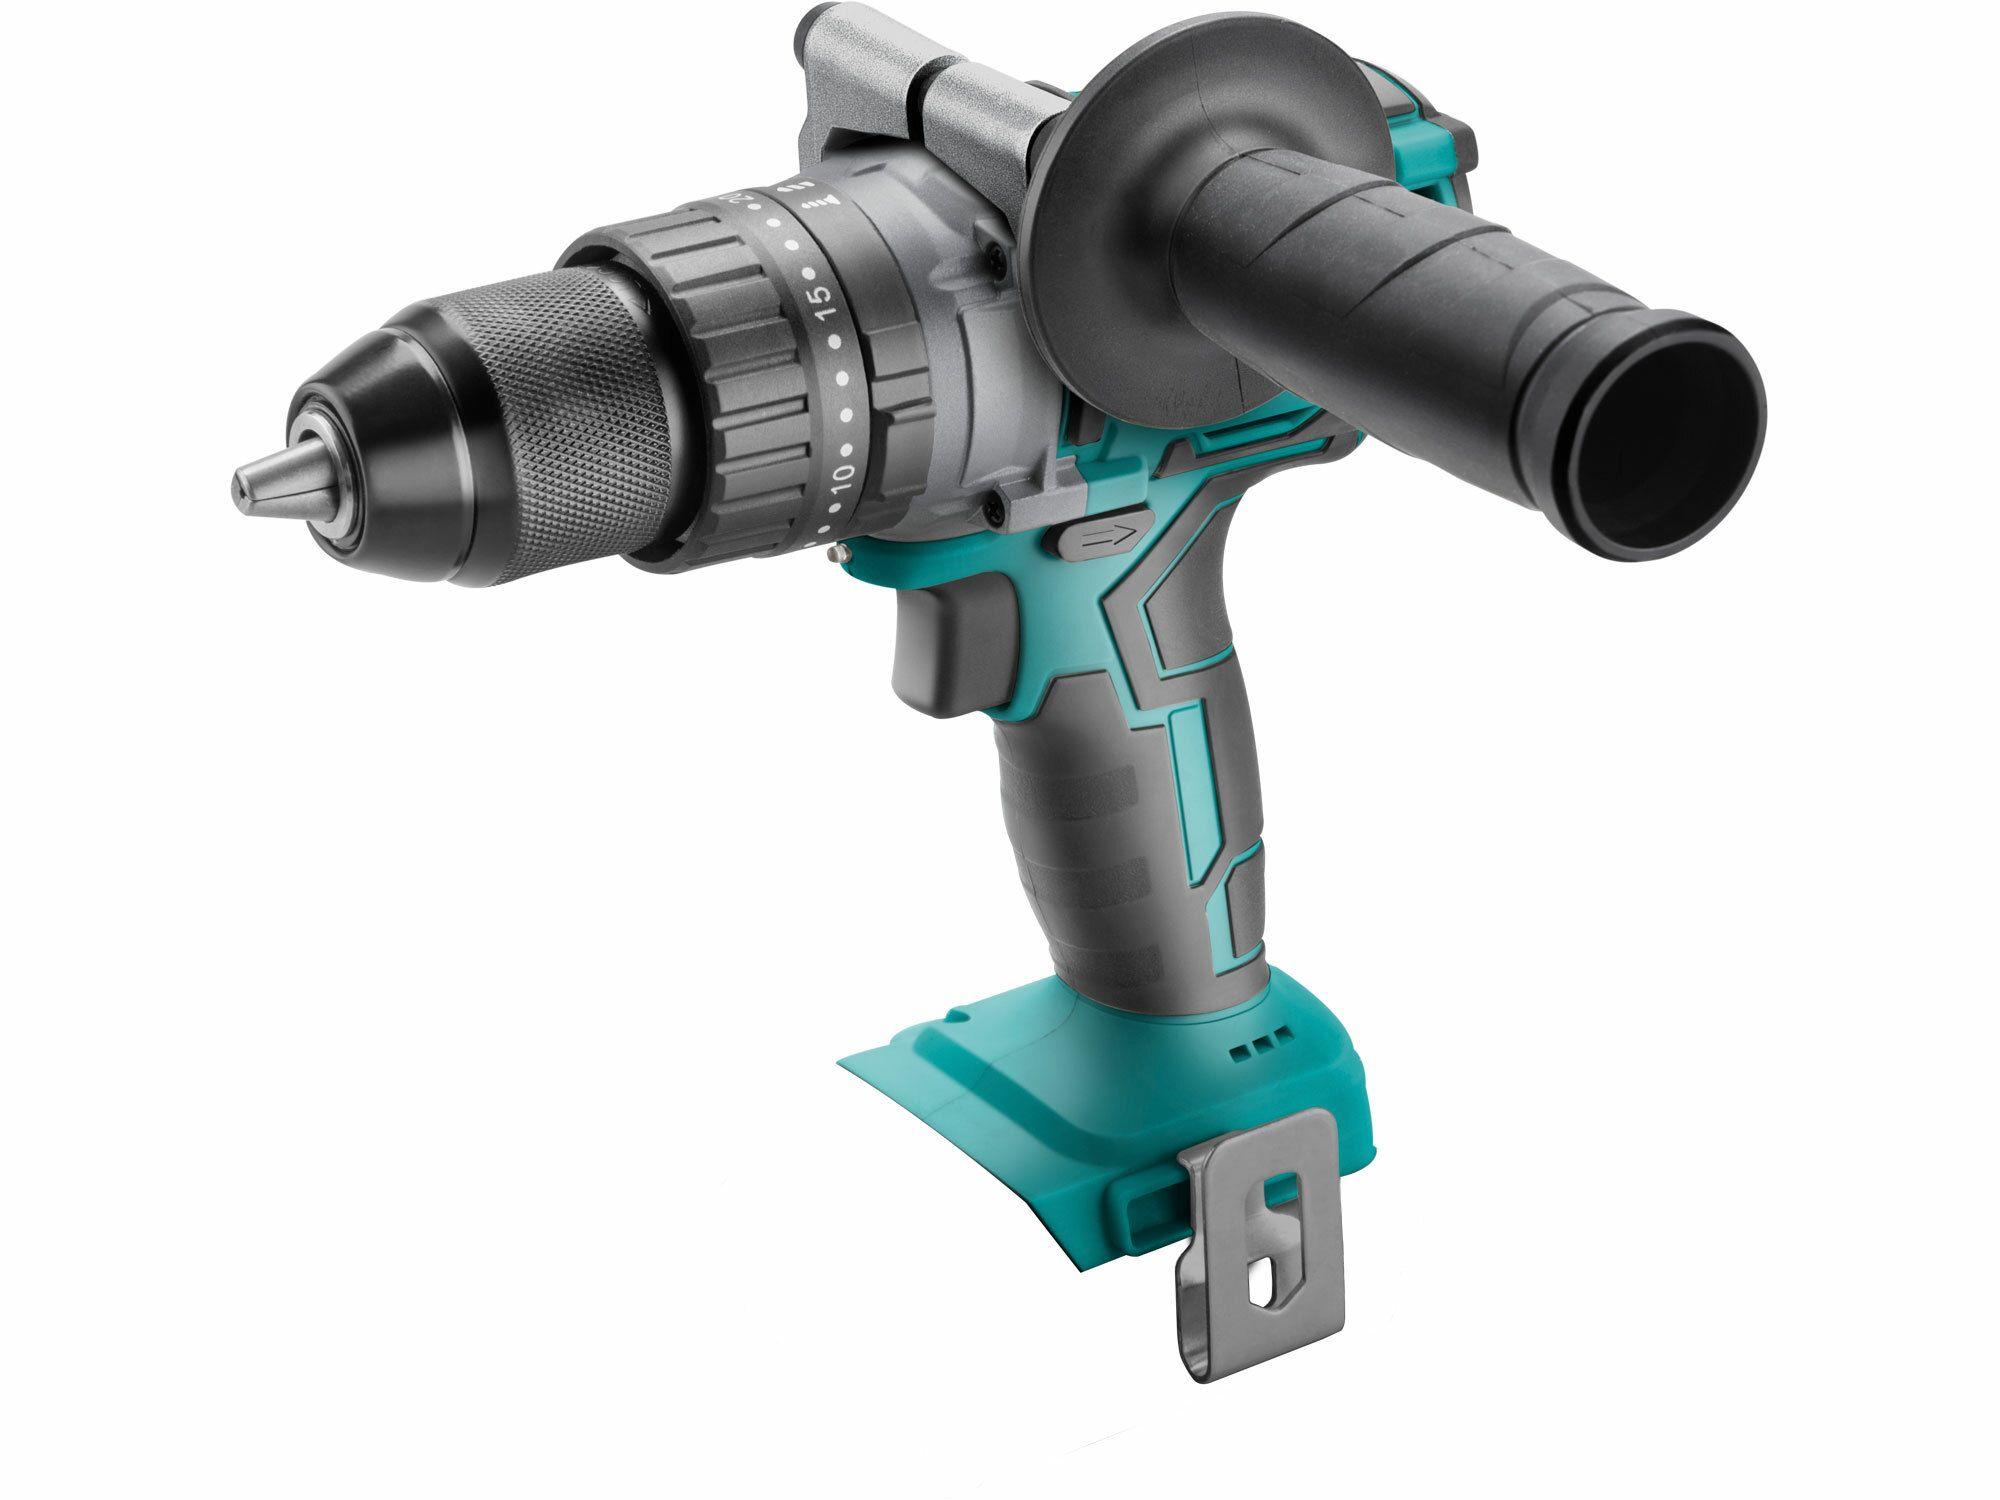 Vrtací šroubovák aku s příkl, 20V Li-Ion, bez baterie a nabíječky,EXTOL SHARE20V BRUSHLESS EXTOL-INDUSTRIAL